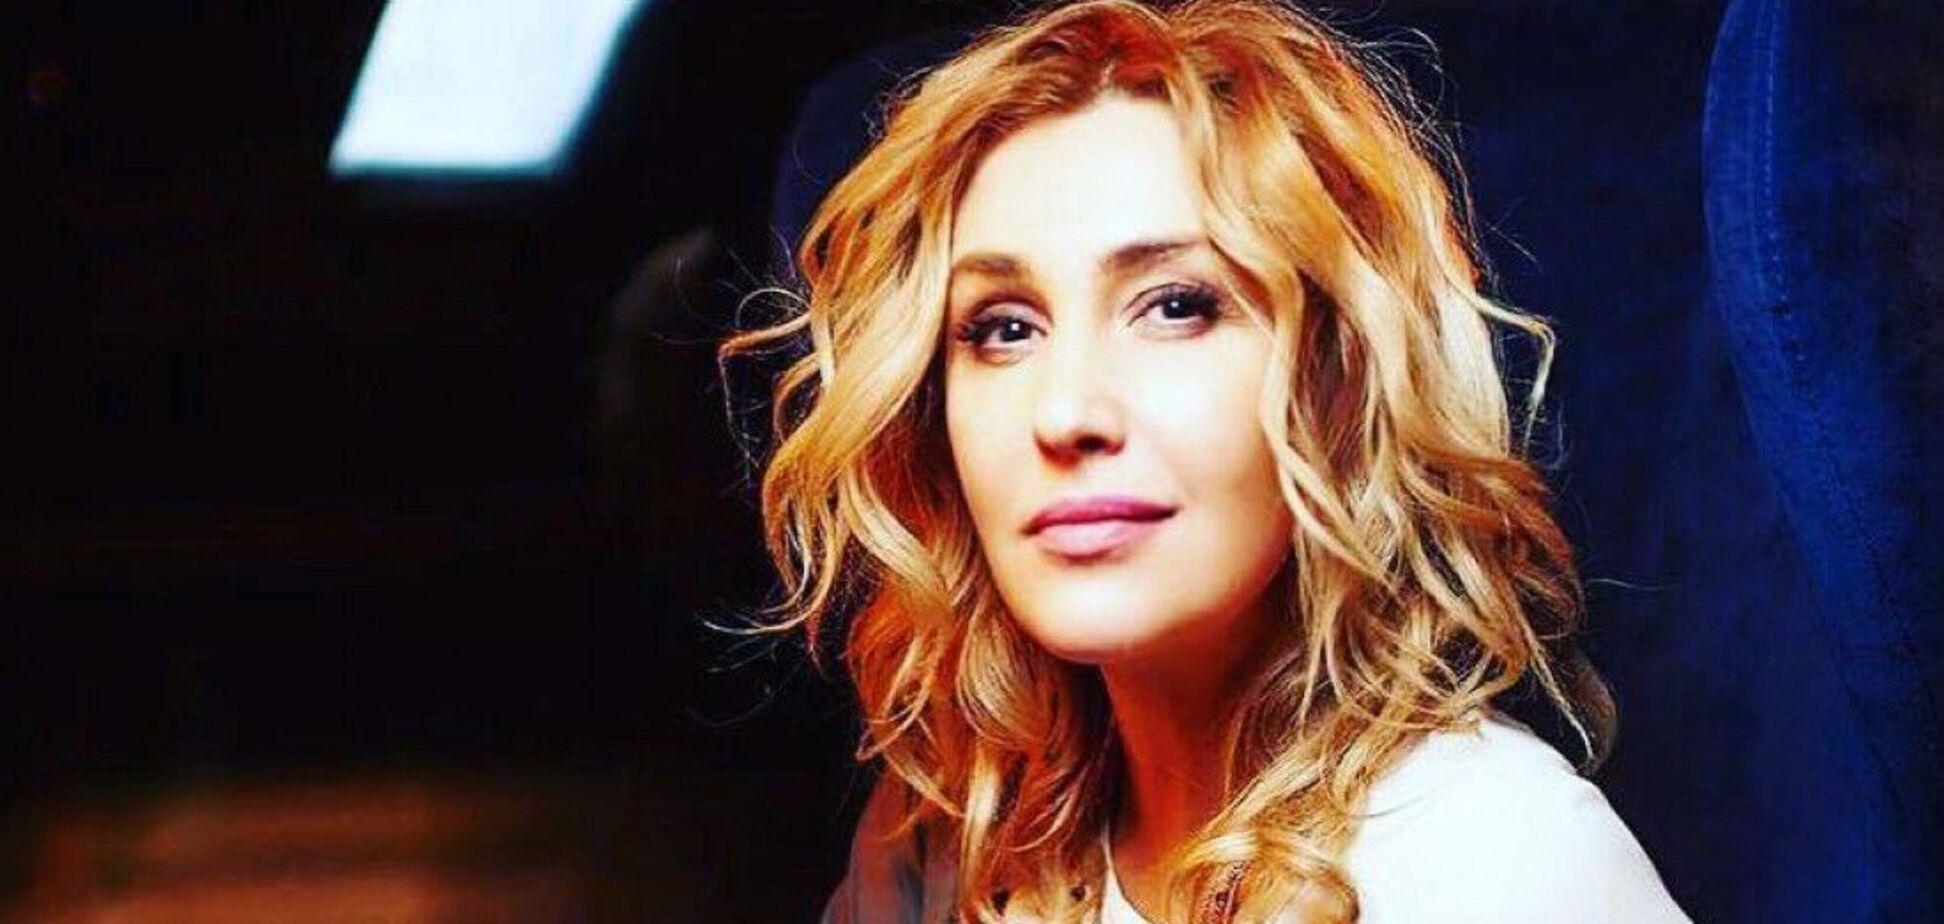 Єгорова поїхала до Єгипту 'очищати душу' і відмовилася від макіяжу. Відео